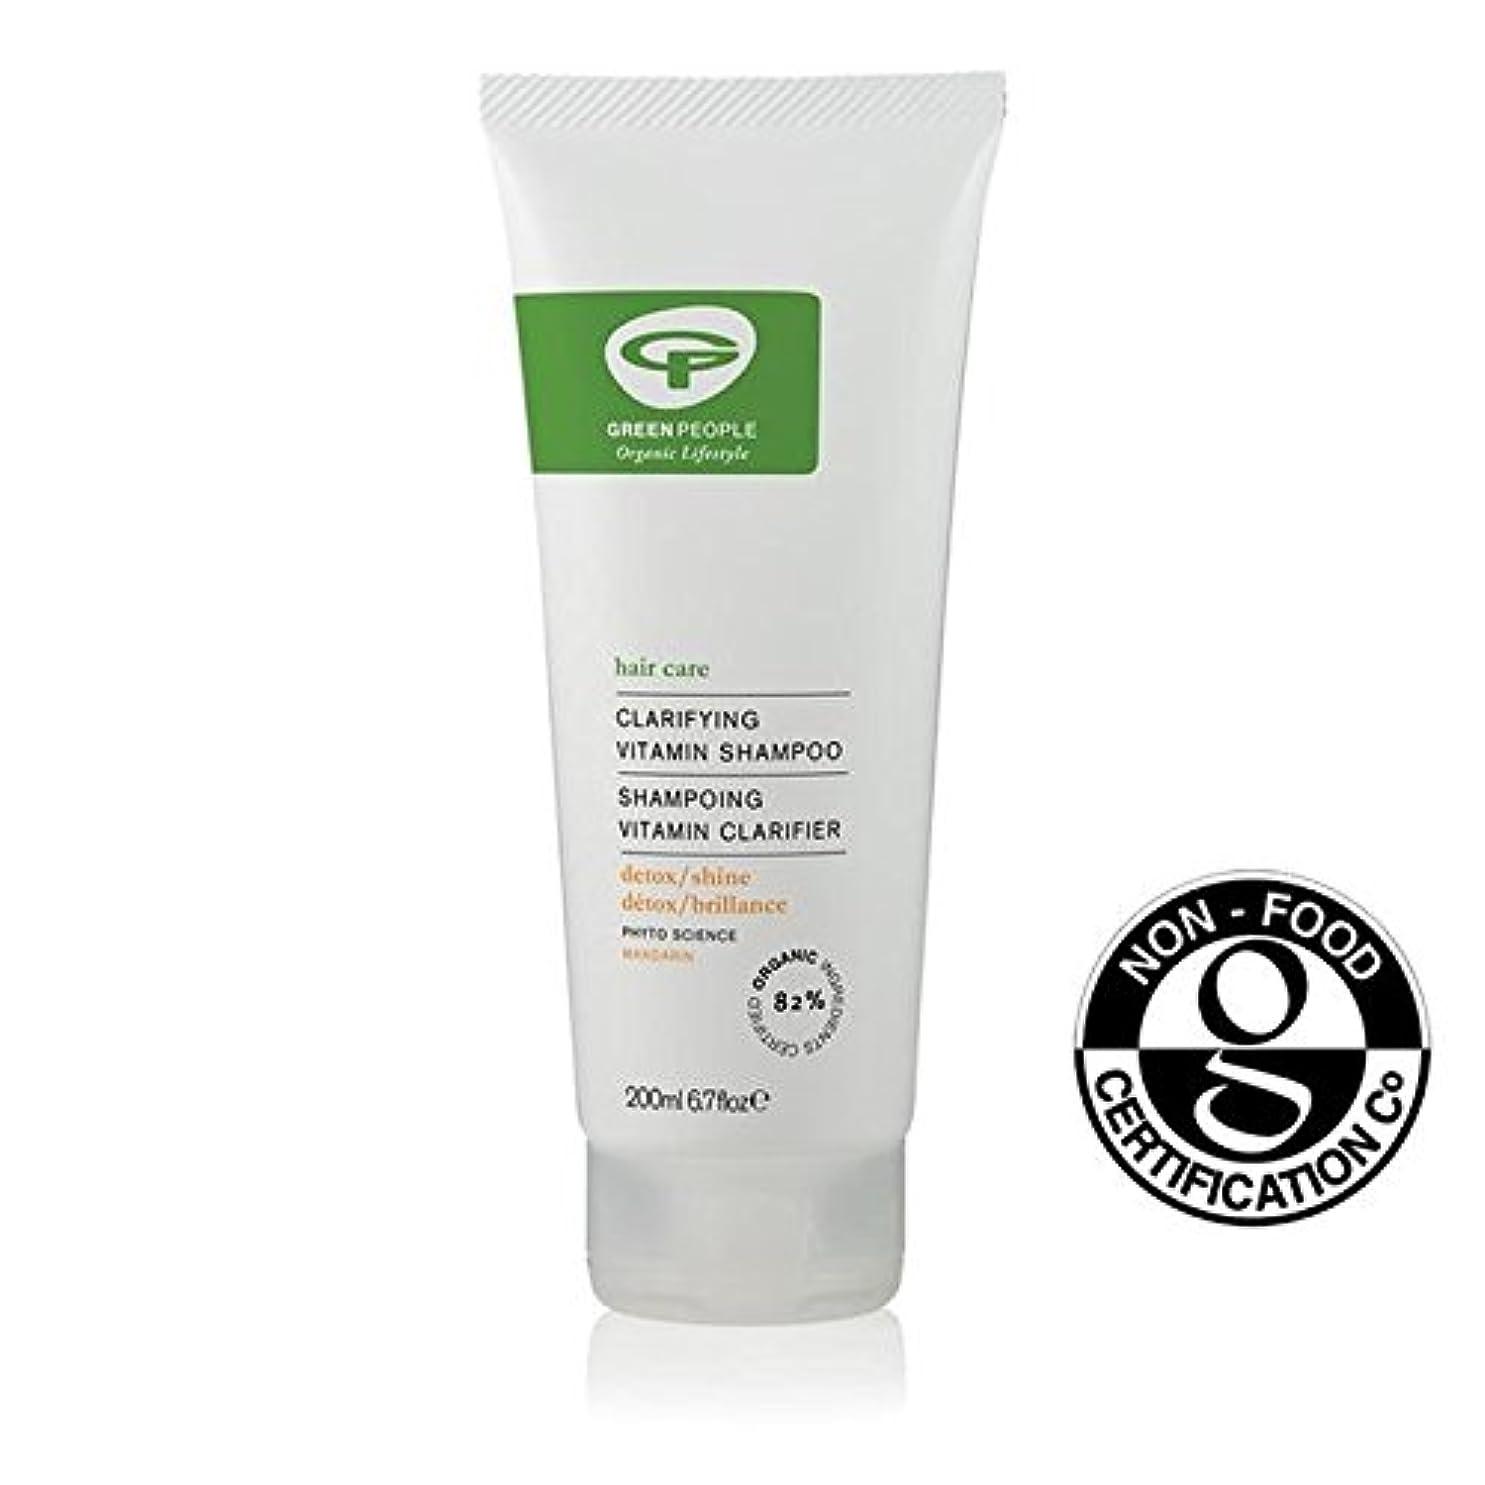 銛遊び場トランク緑の人々の有機明確ビタミンシャンプー200ミリリットル x4 - Green People Organic Clarifying Vitamin Shampoo 200ml (Pack of 4) [並行輸入品]